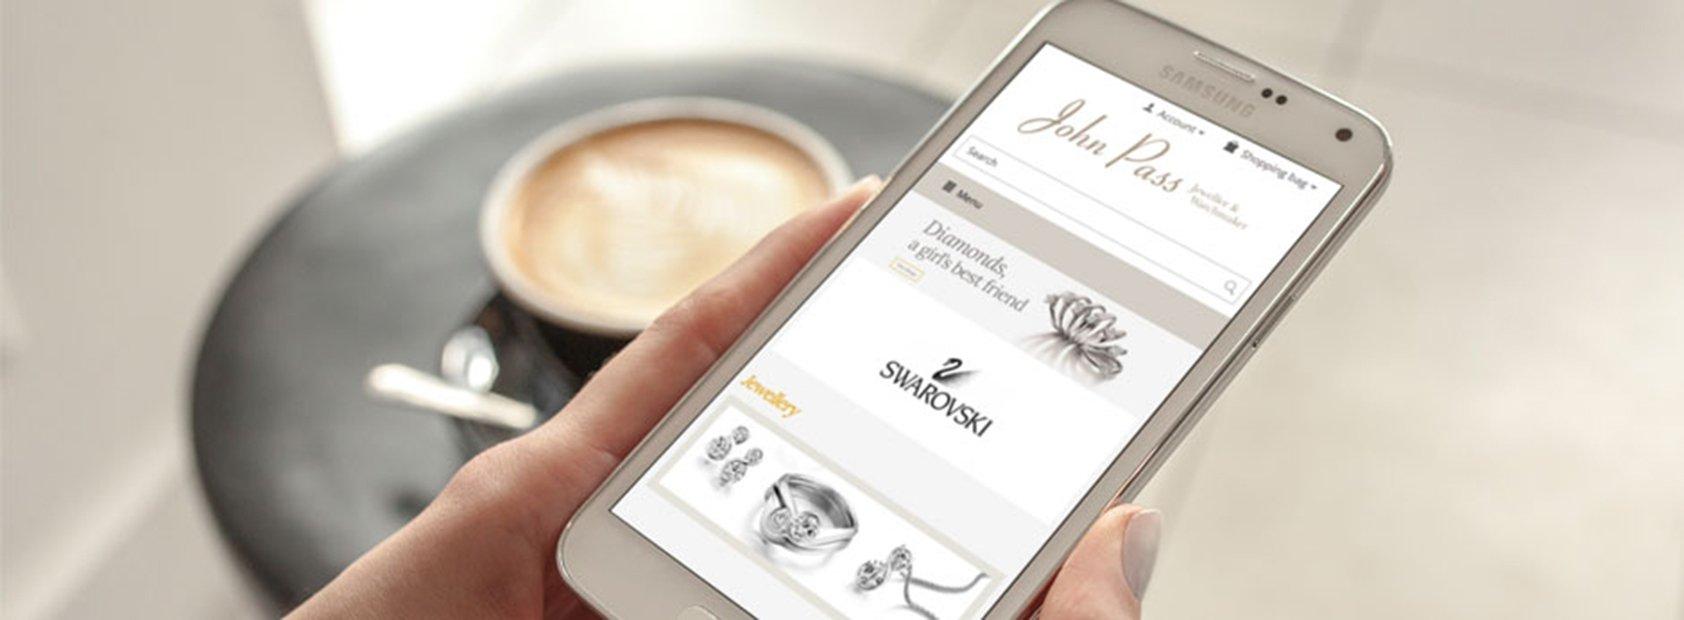 Las marcas de lujo y el móvil, la combinación perfecta